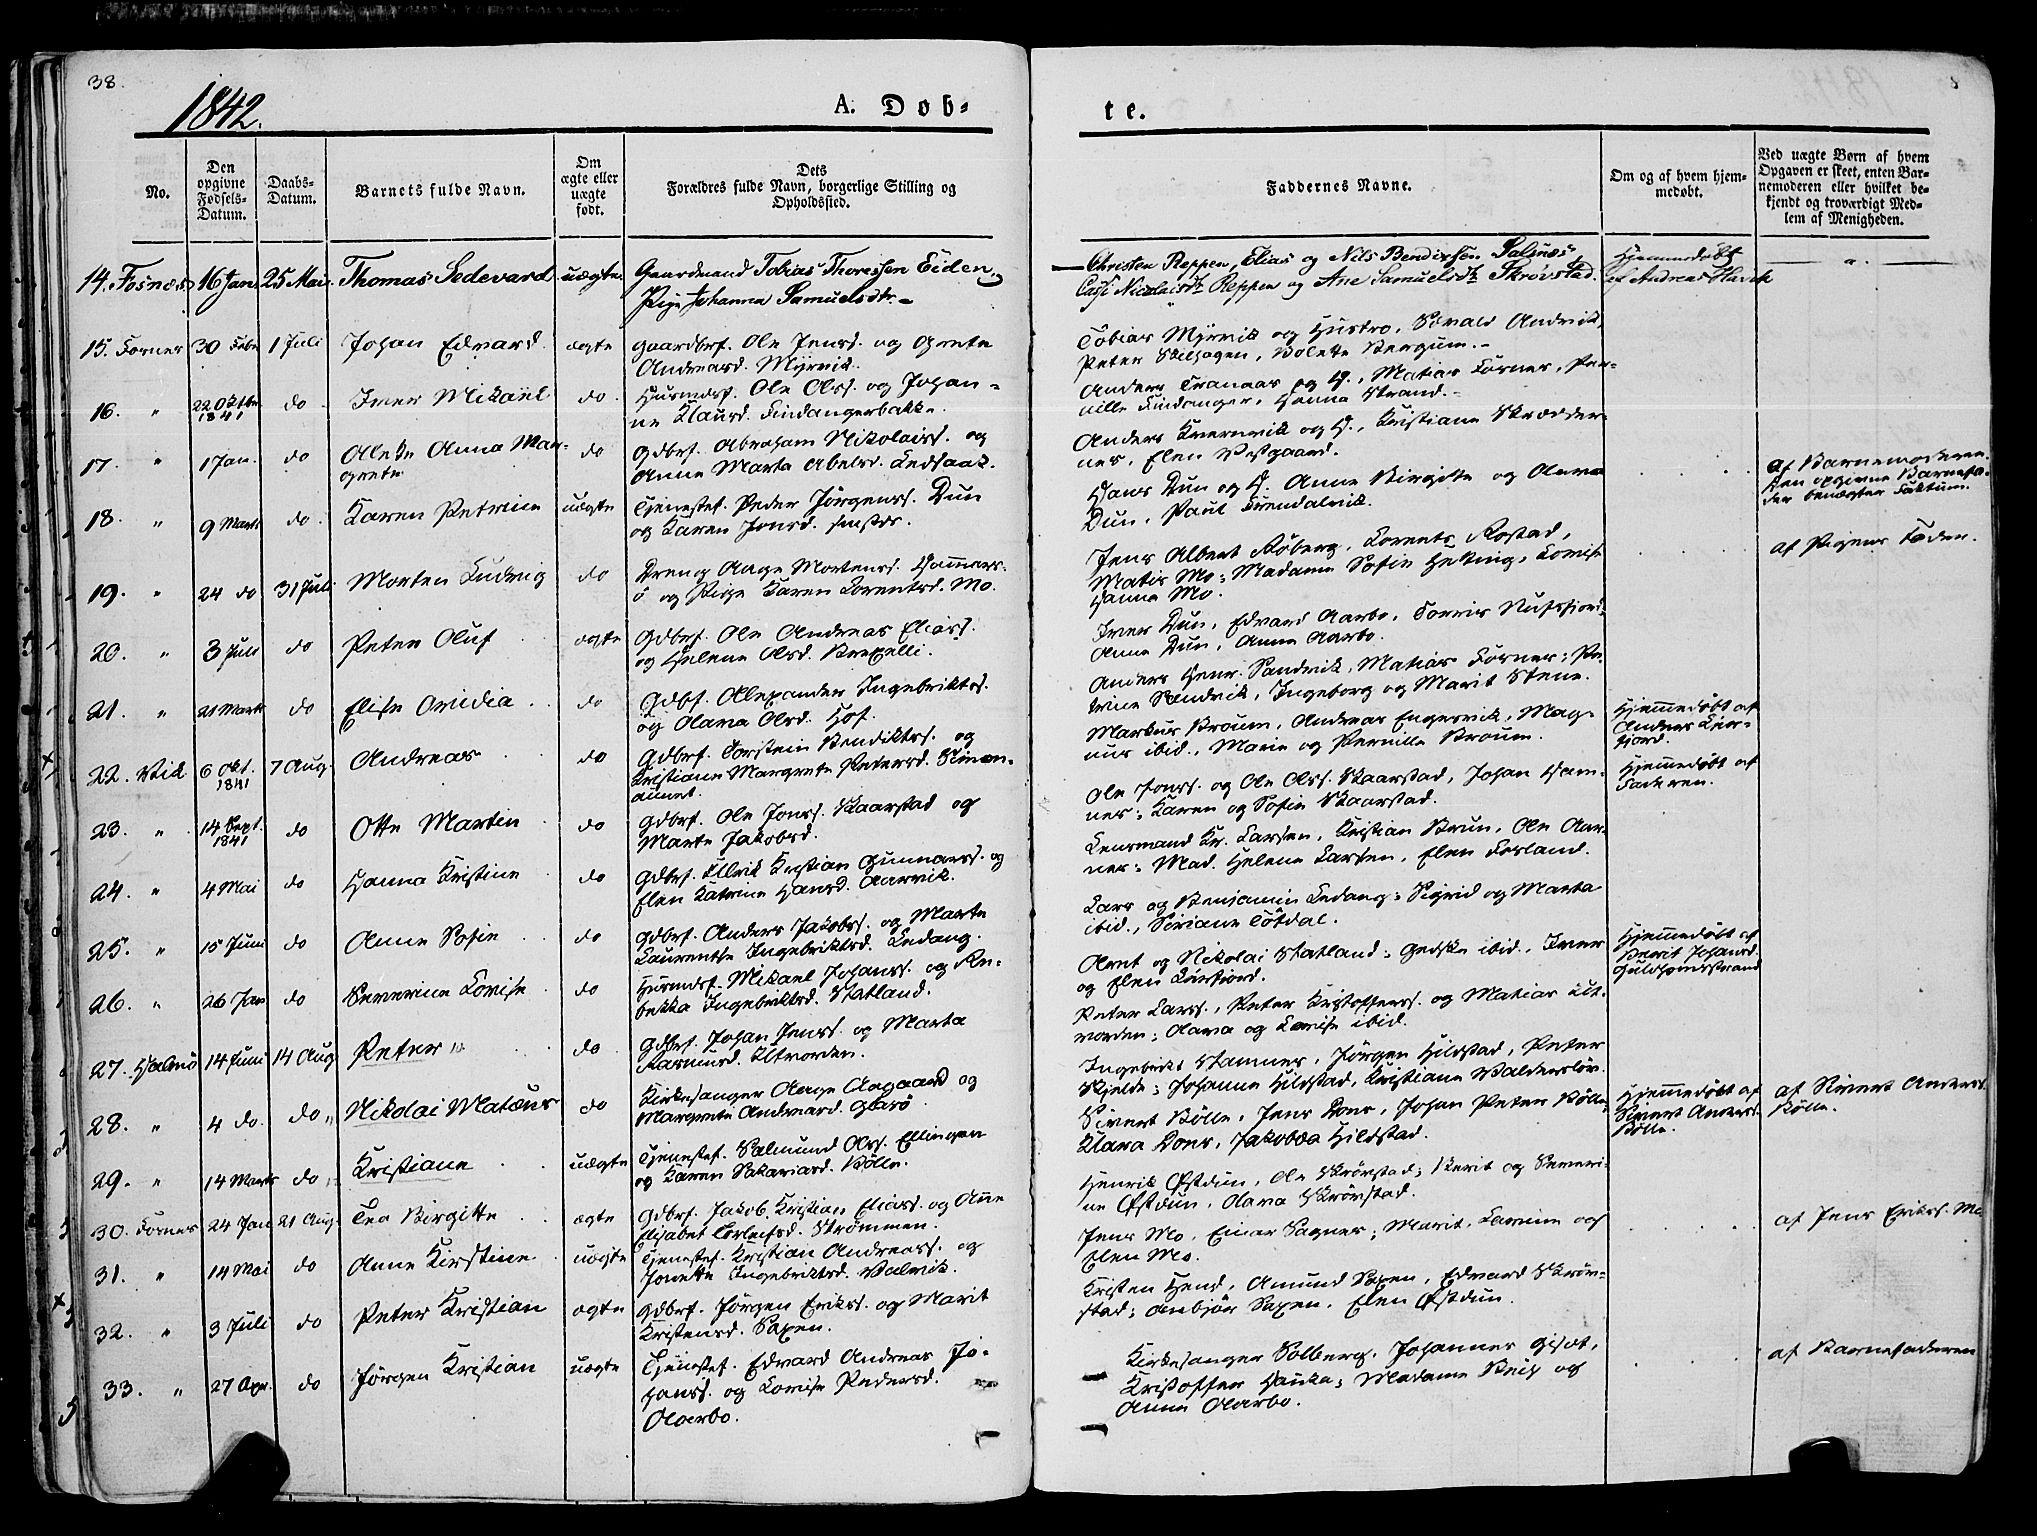 SAT, Ministerialprotokoller, klokkerbøker og fødselsregistre - Nord-Trøndelag, 773/L0614: Ministerialbok nr. 773A05, 1831-1856, s. 38